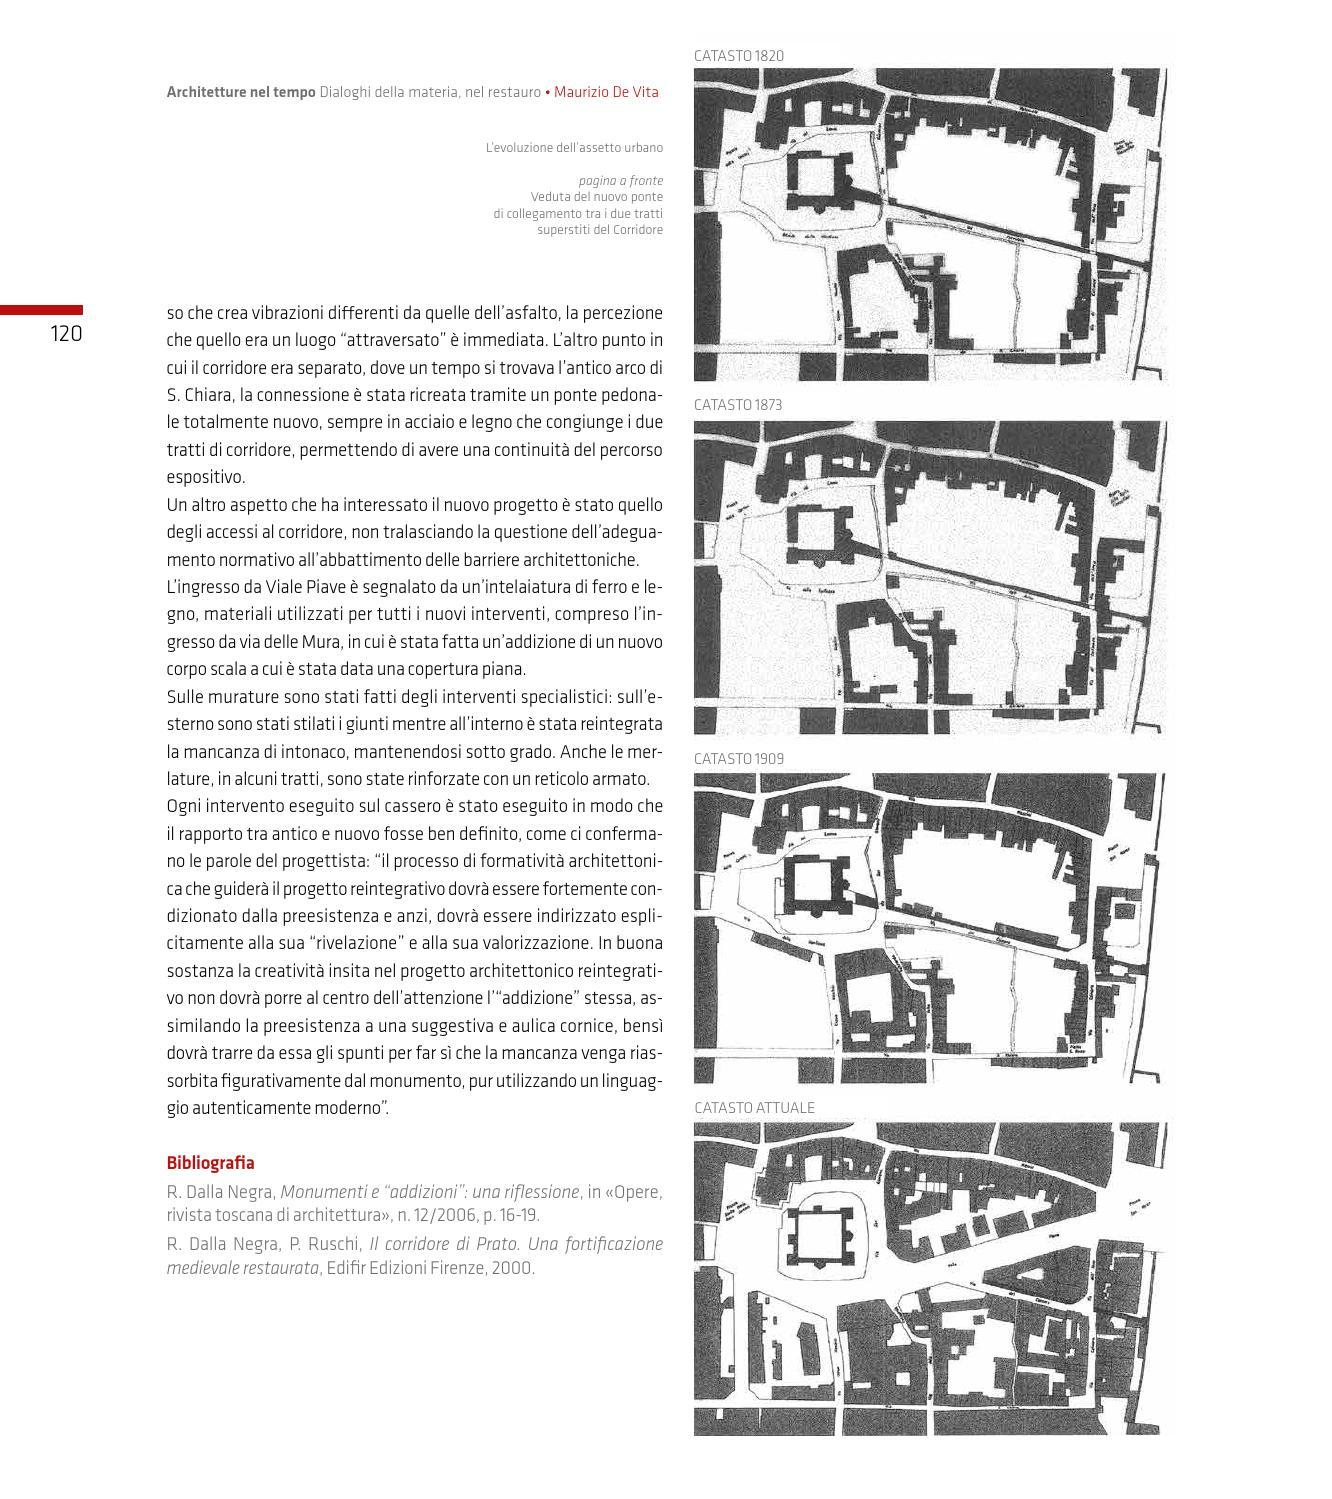 ARCHITETTURE NEL TEMPO Maurizio De vita by DIDA issuu